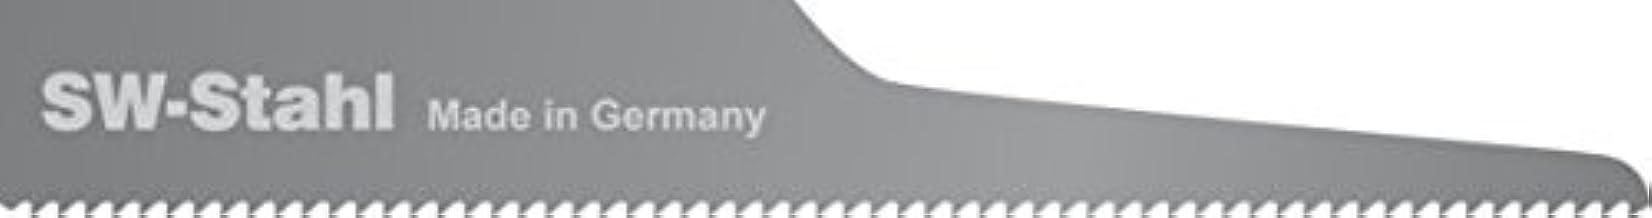 Sw Stahl 70618l Karosserieblatt 18z 1stk Für 40008l Pneutec Cp Baumarkt